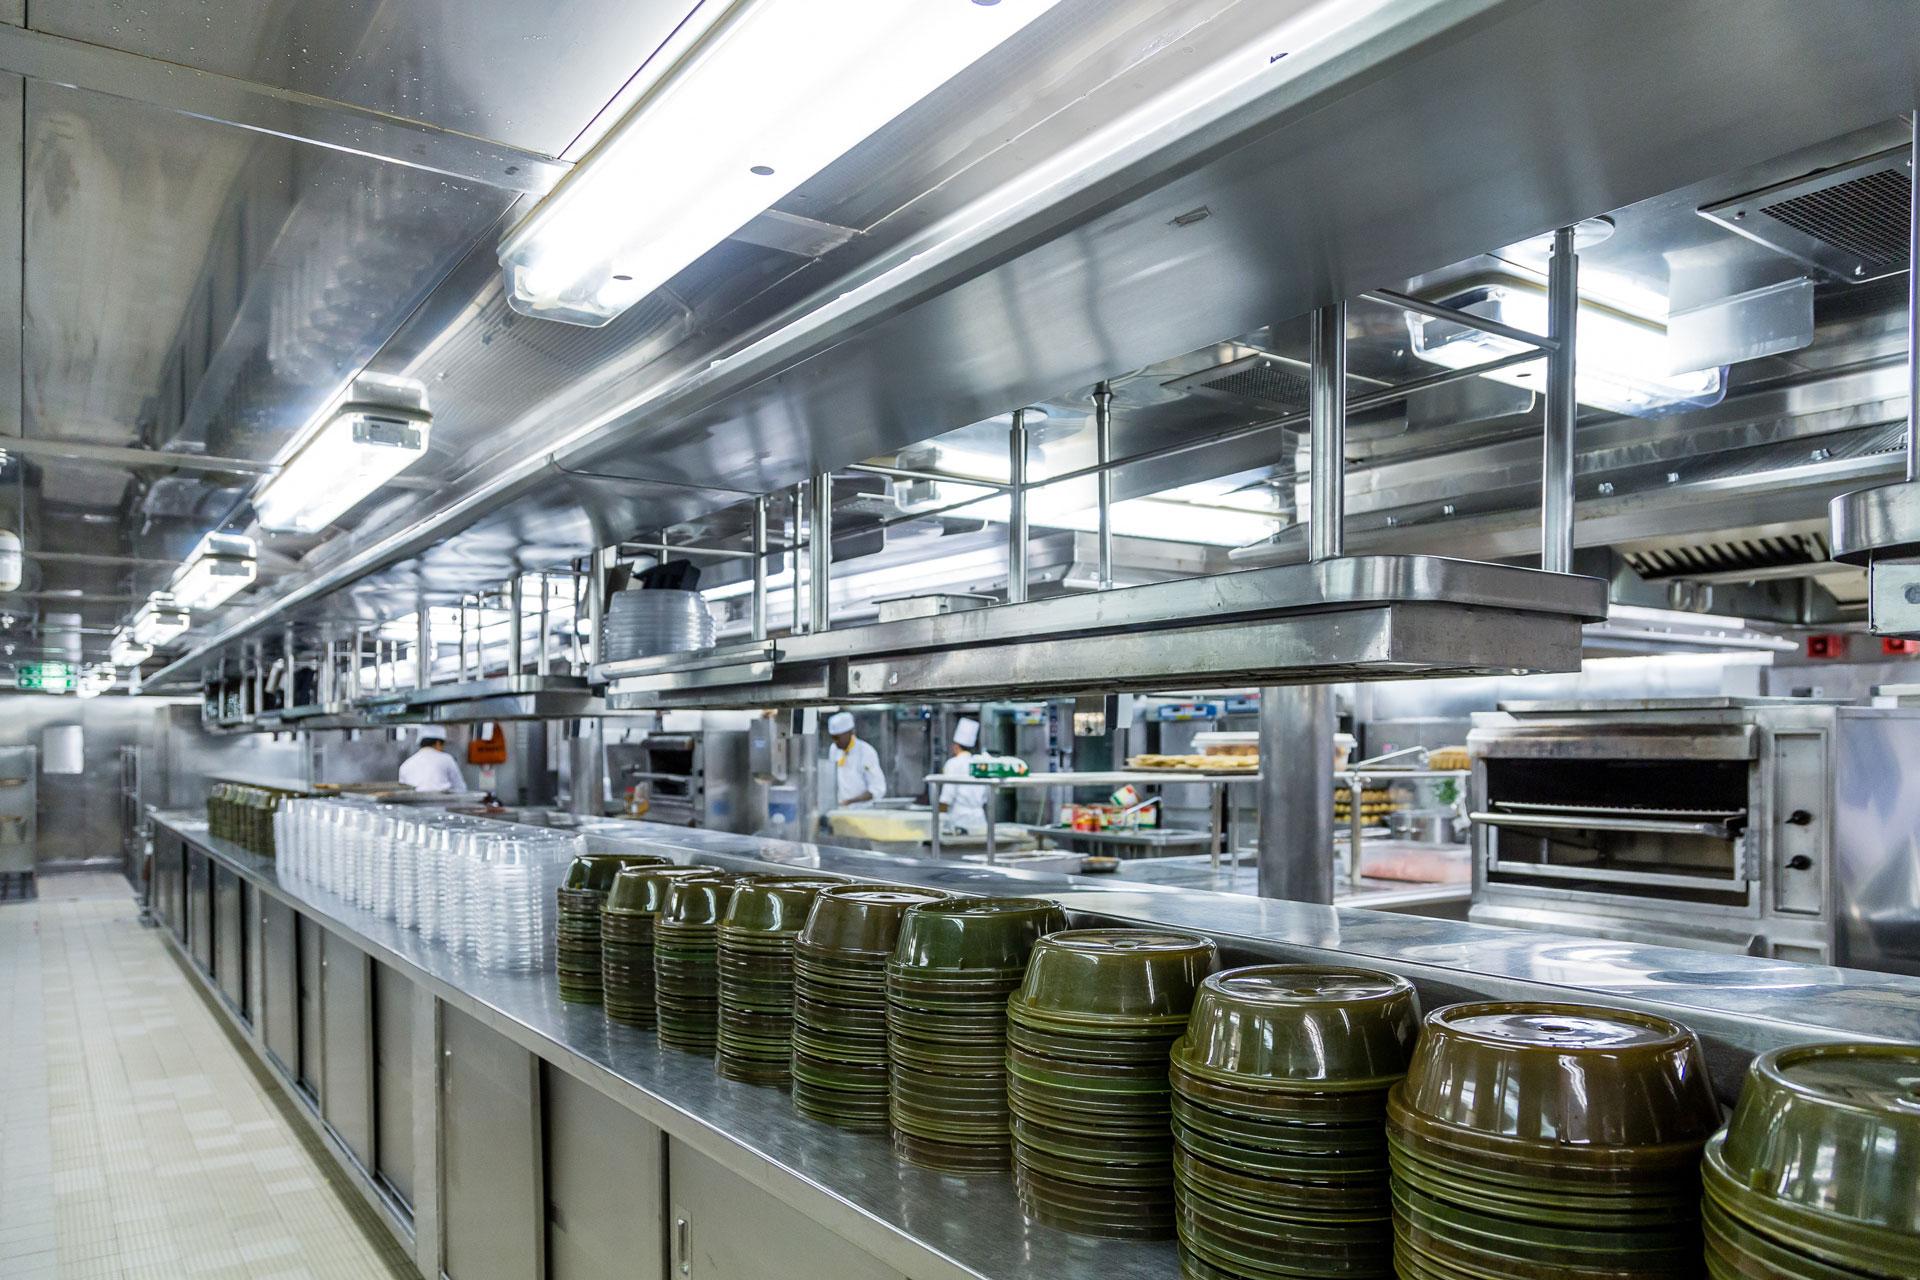 Reinigung von Küchengeräten